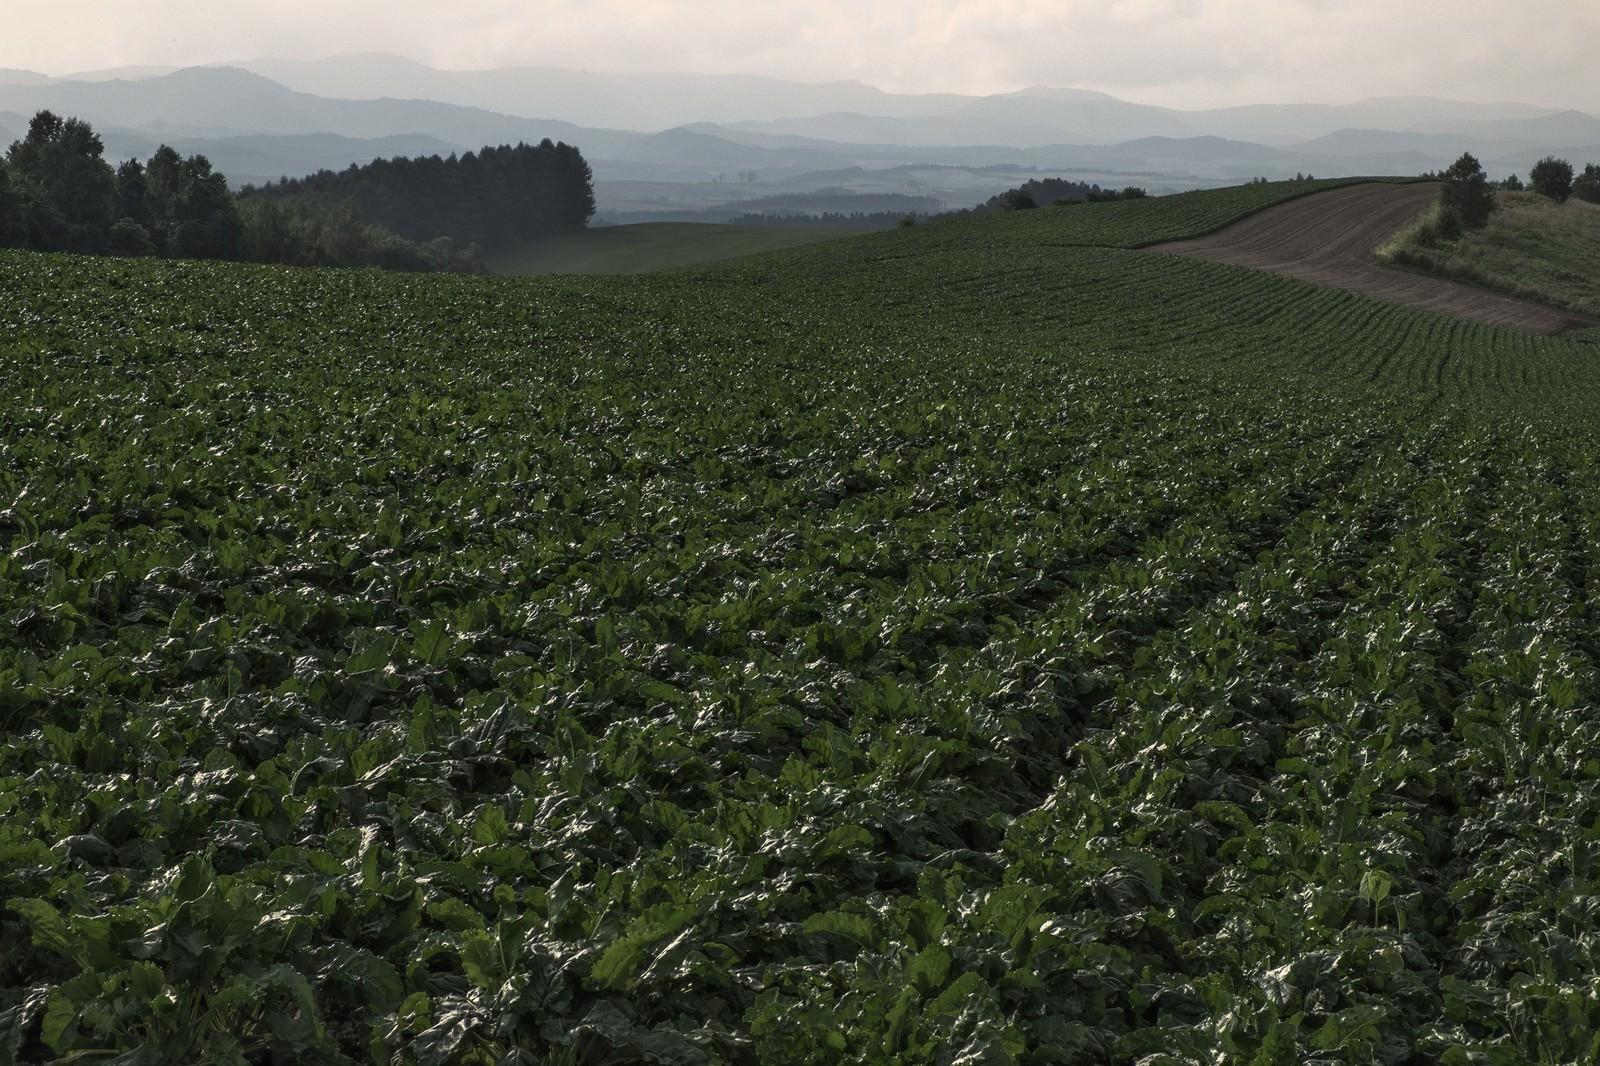 「一面に広がる畑」の写真